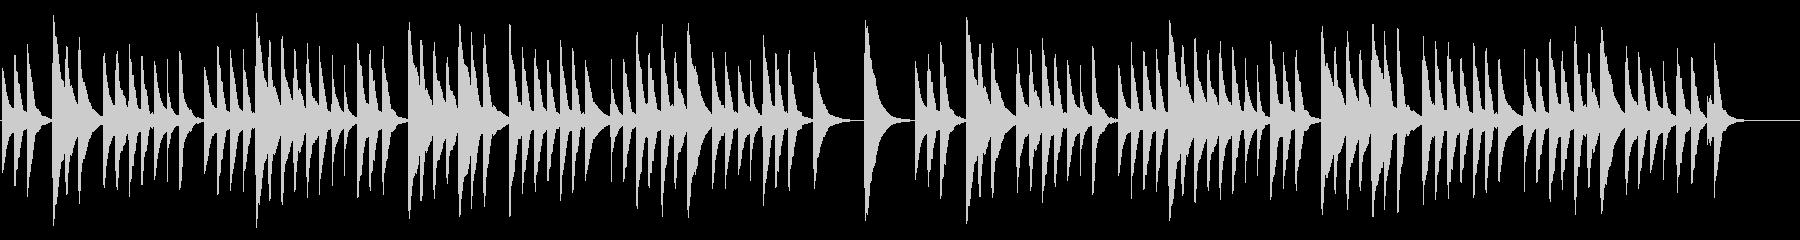 ちょうちょう 18弁オルゴールの未再生の波形